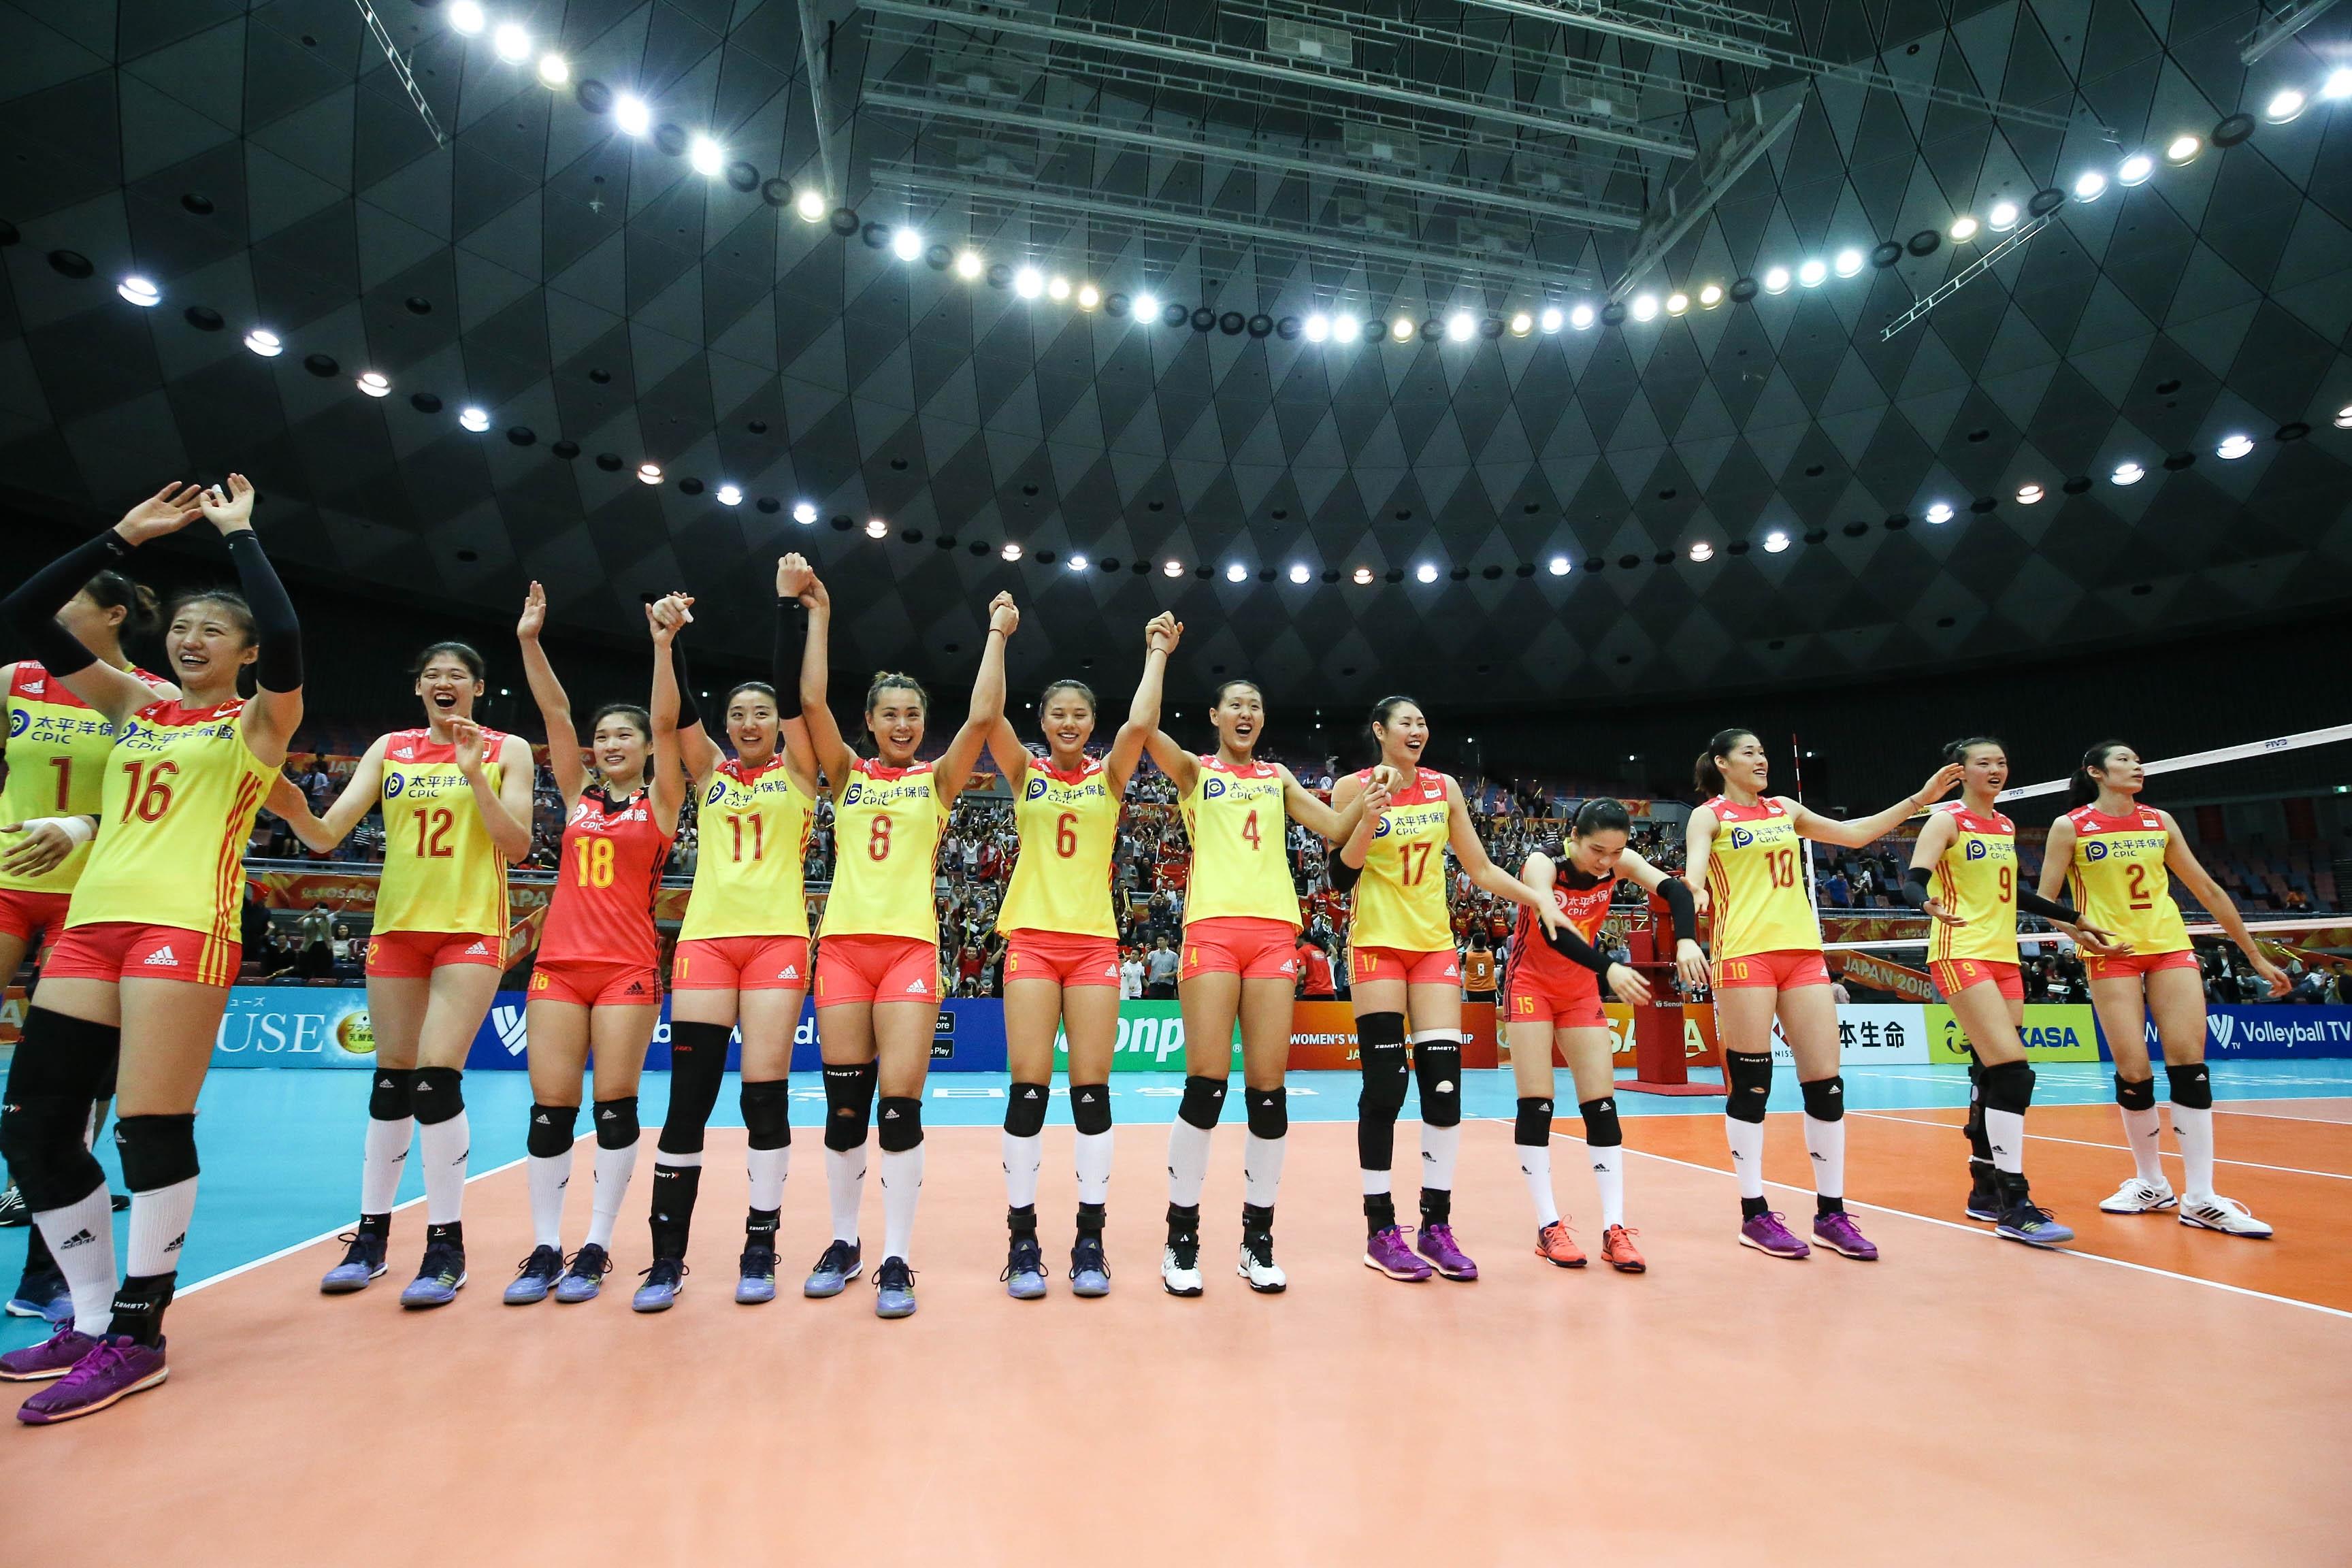 中國女排奧運預選賽對手出爐,迎戰歐洲3強不容有失